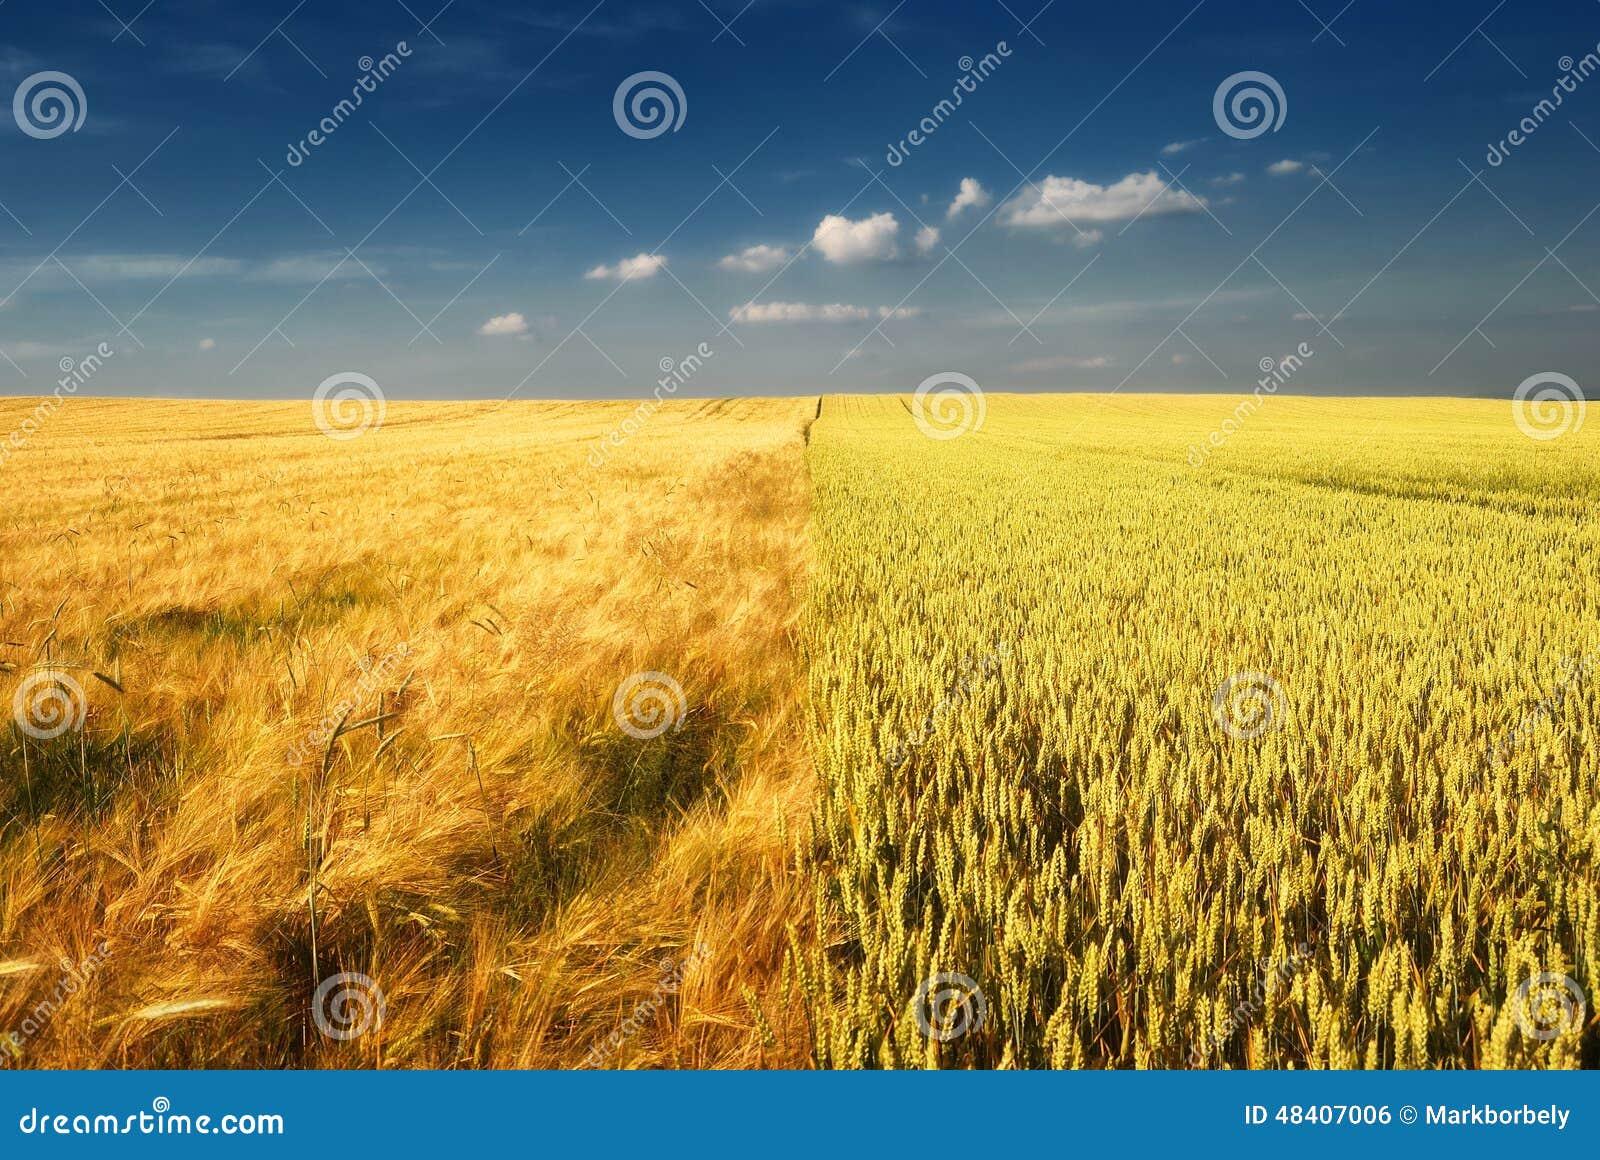 пшеница неба пасмурного поля золотистая